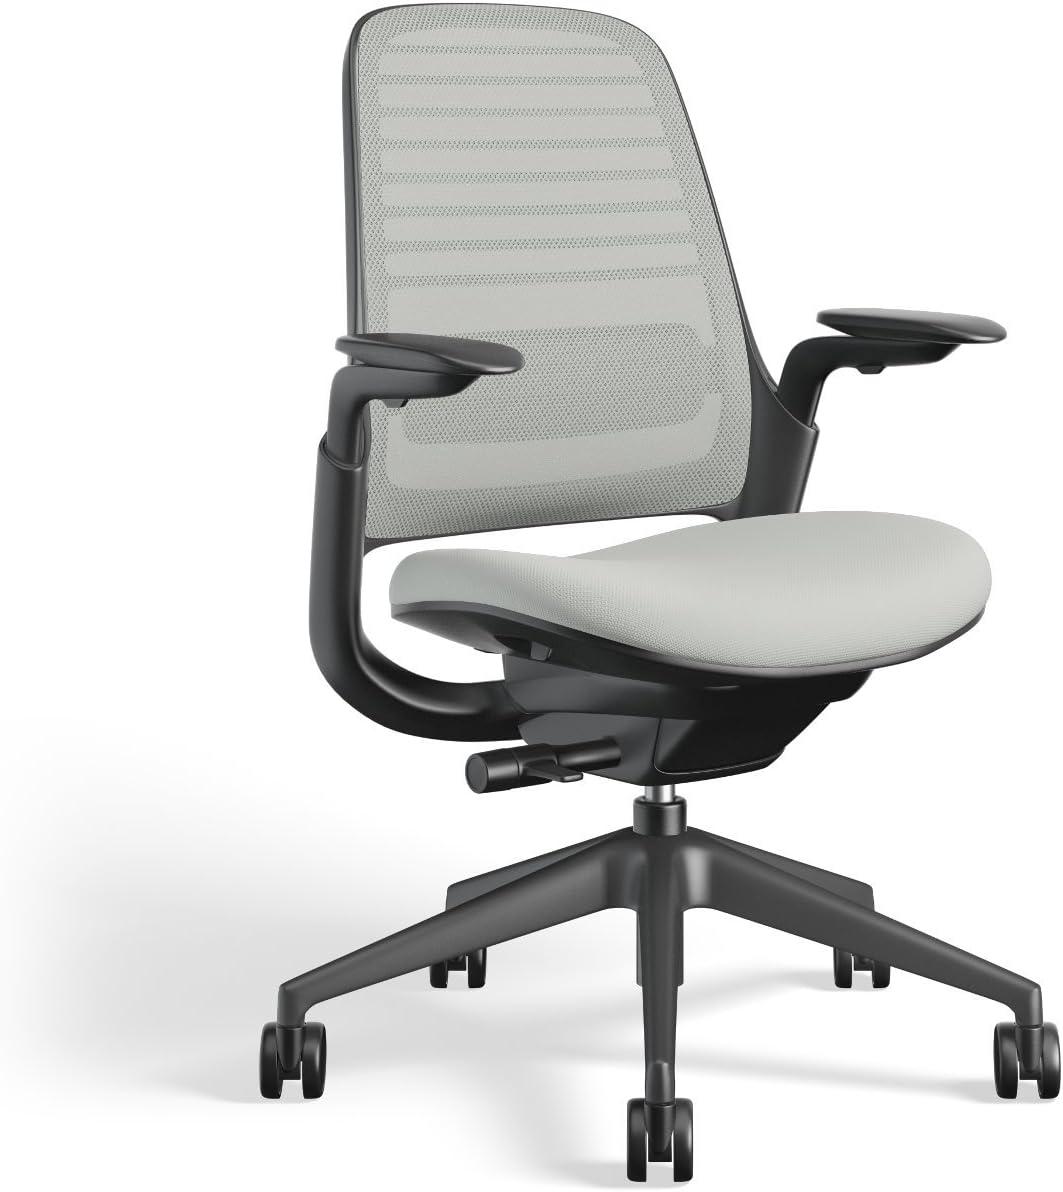 Steelcase Series 1 Work Office Chair, Nickel